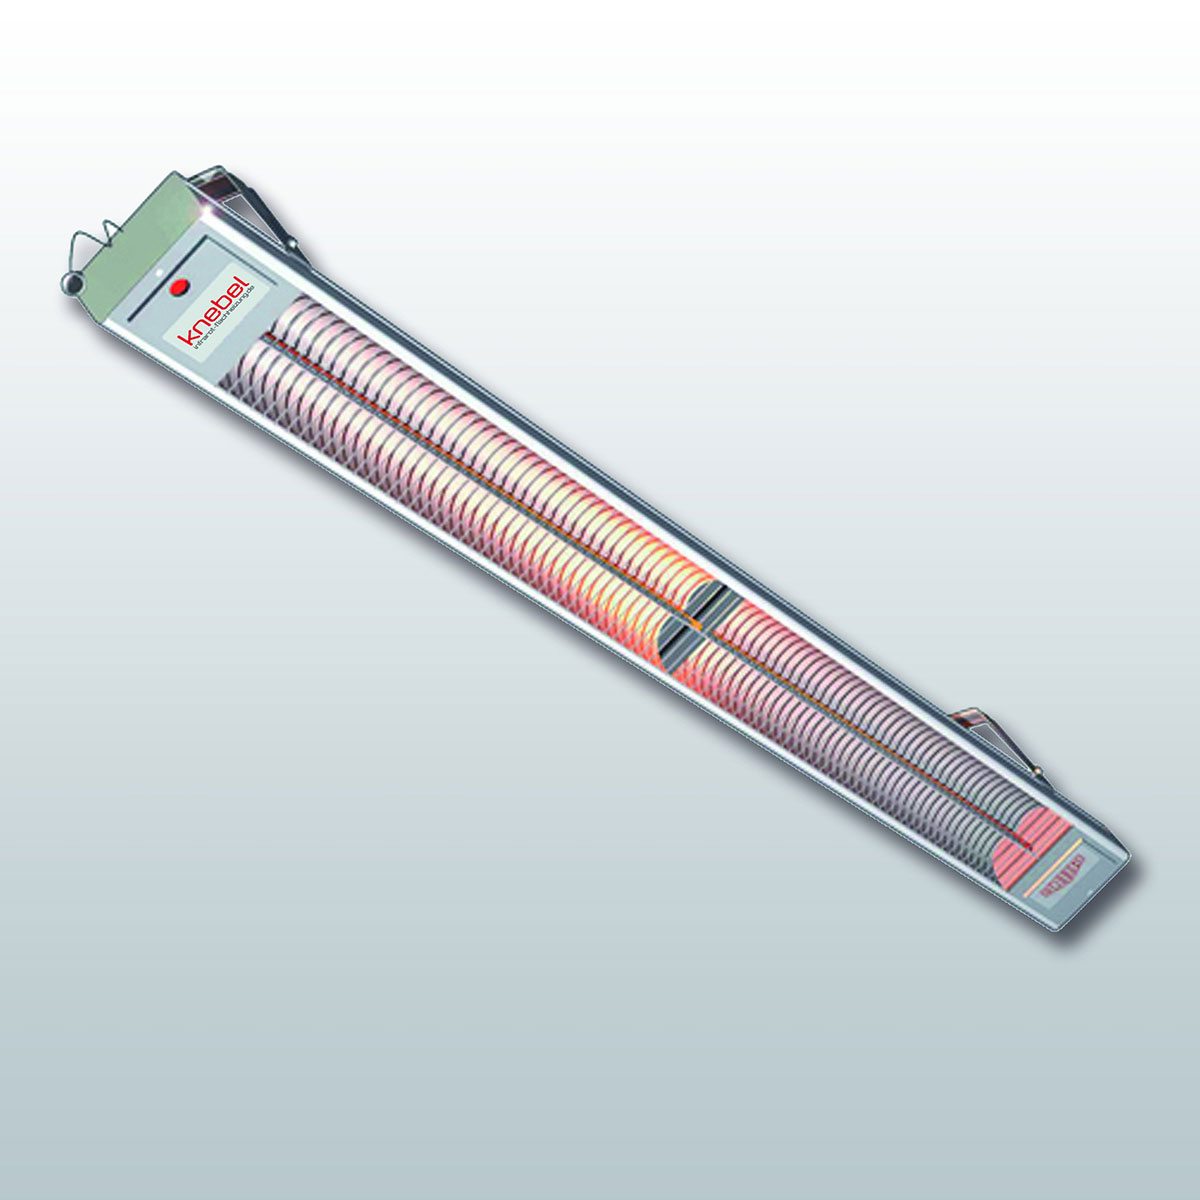 CIR infrared radiator for outdoor use 500 - 2000 Watt